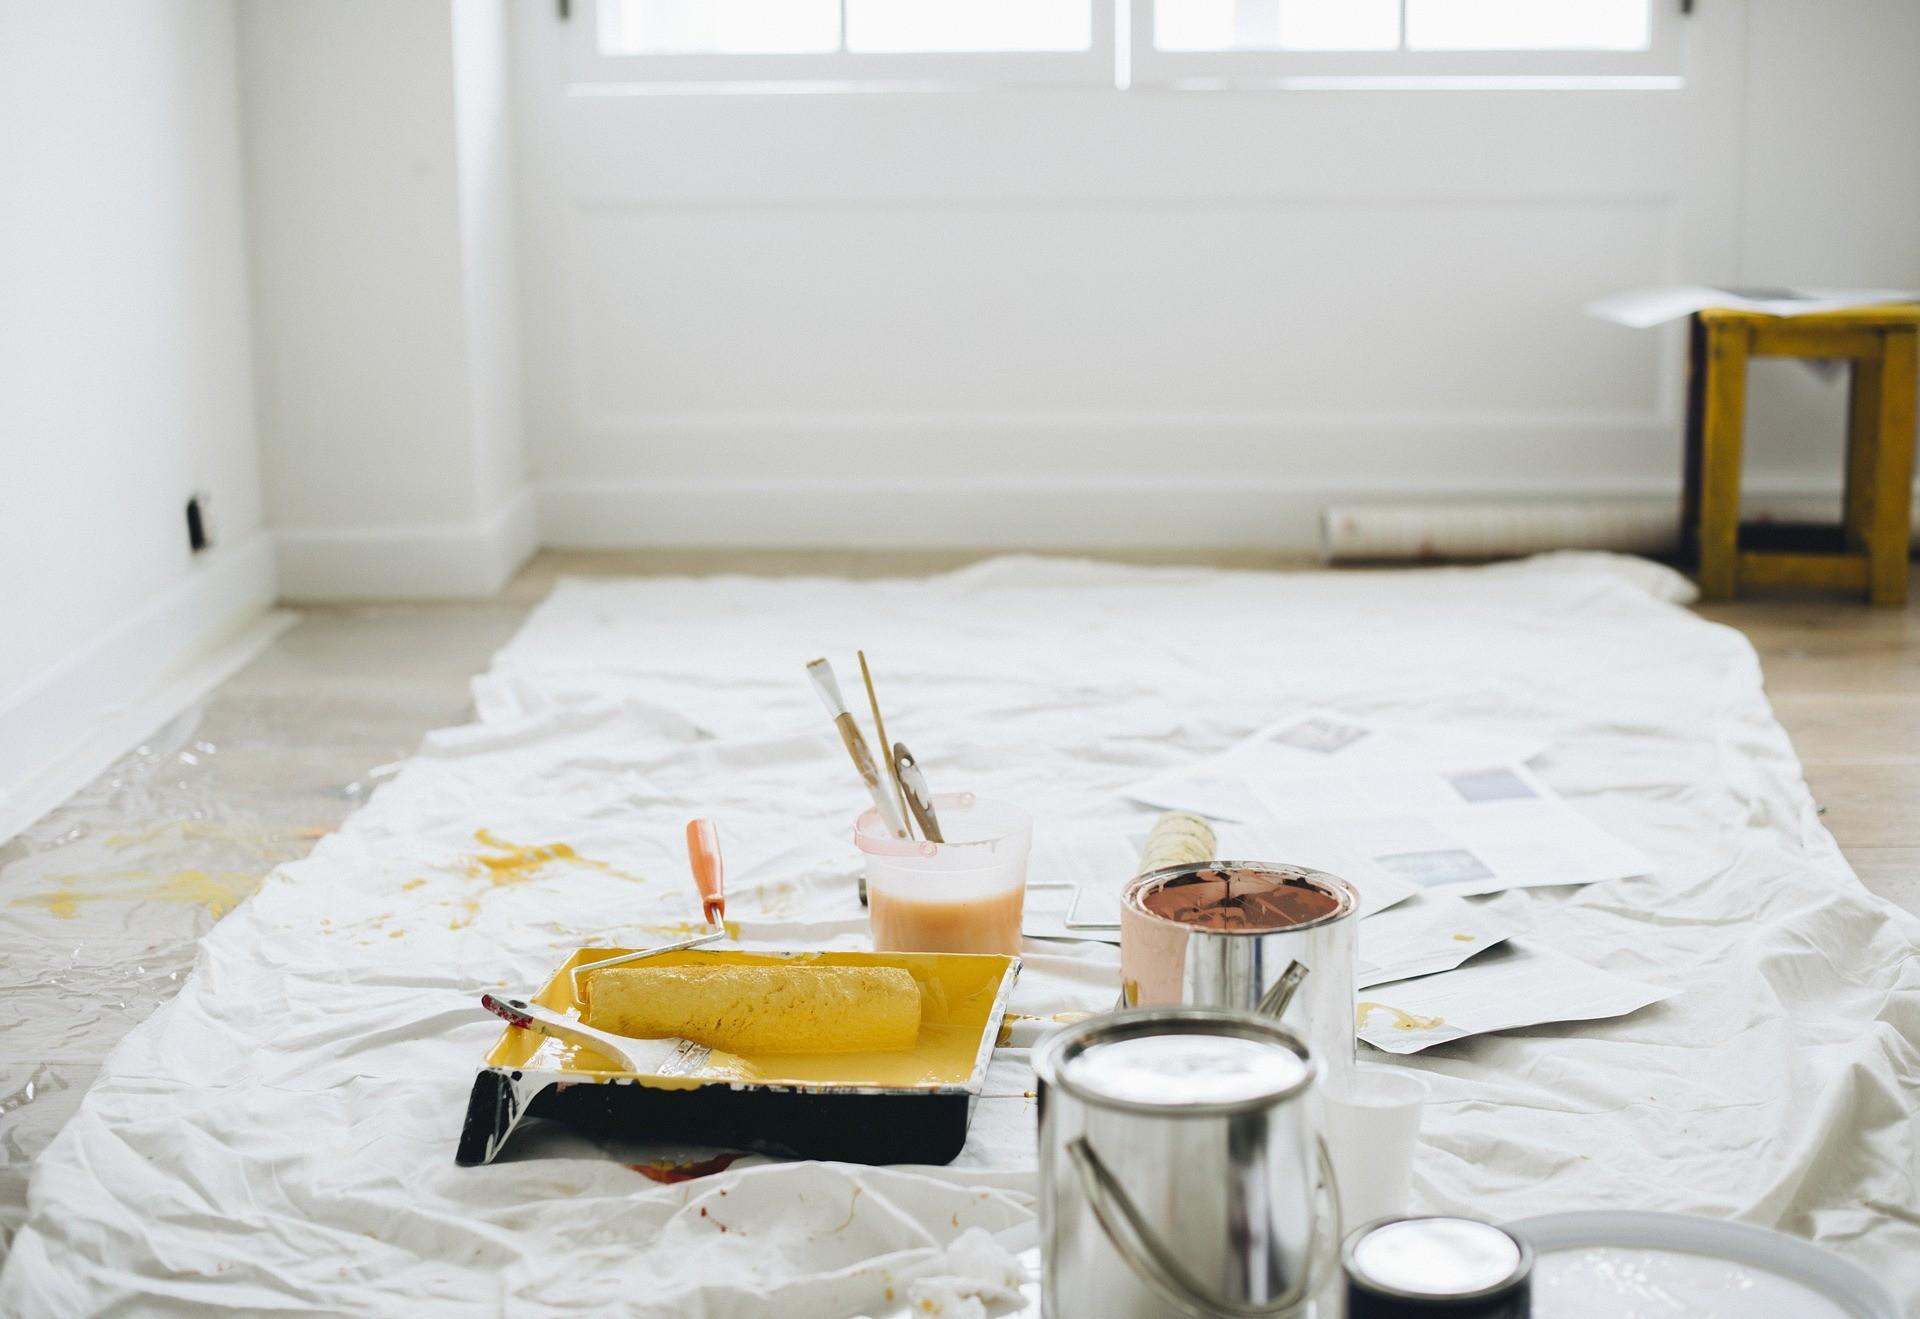 ▲▼裝潢,粉刷,油漆。(圖/pixabay)